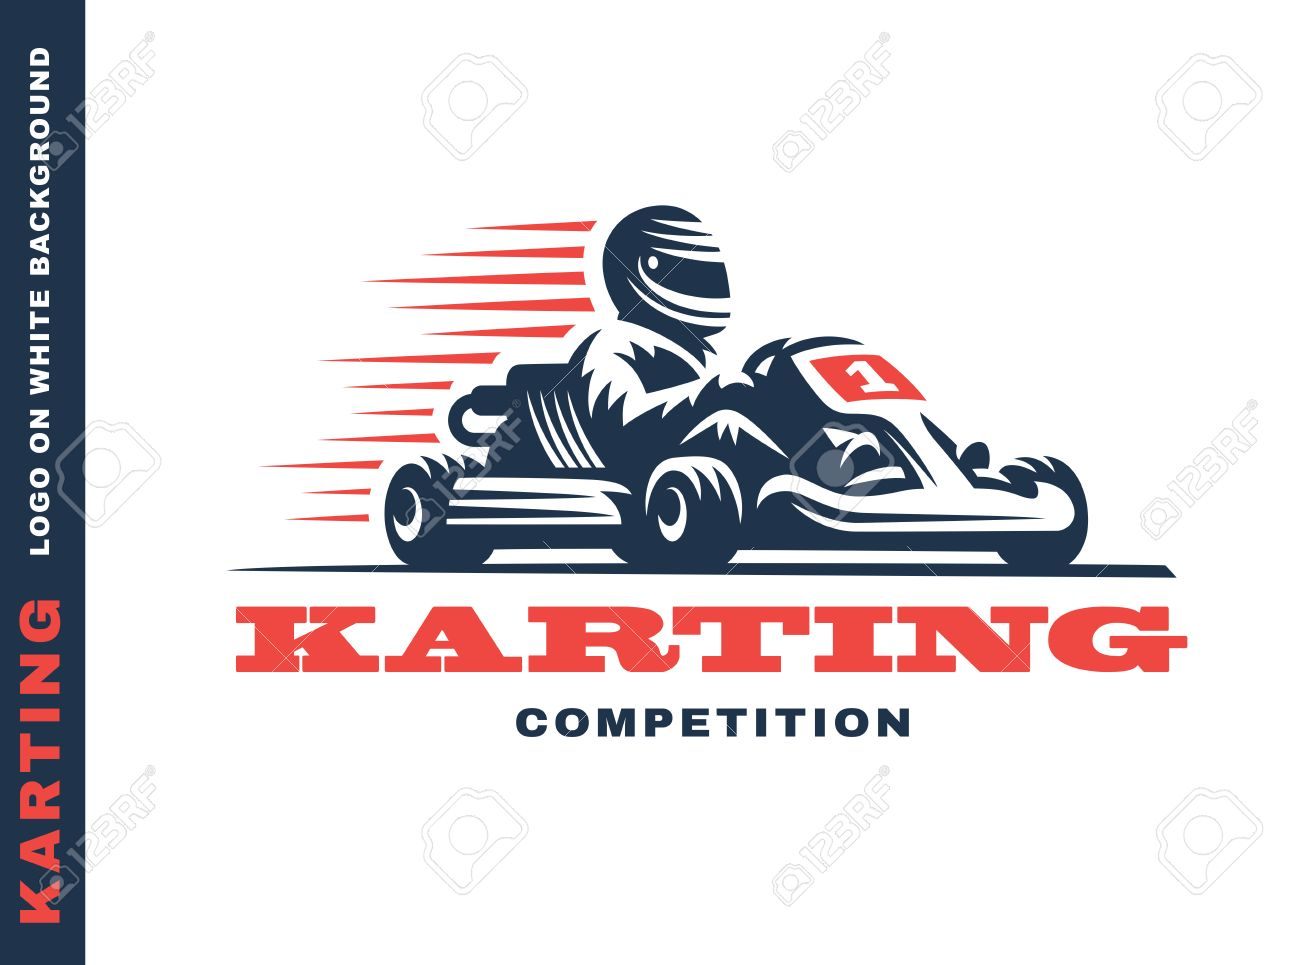 Kart racing winner, illustration on a white background.